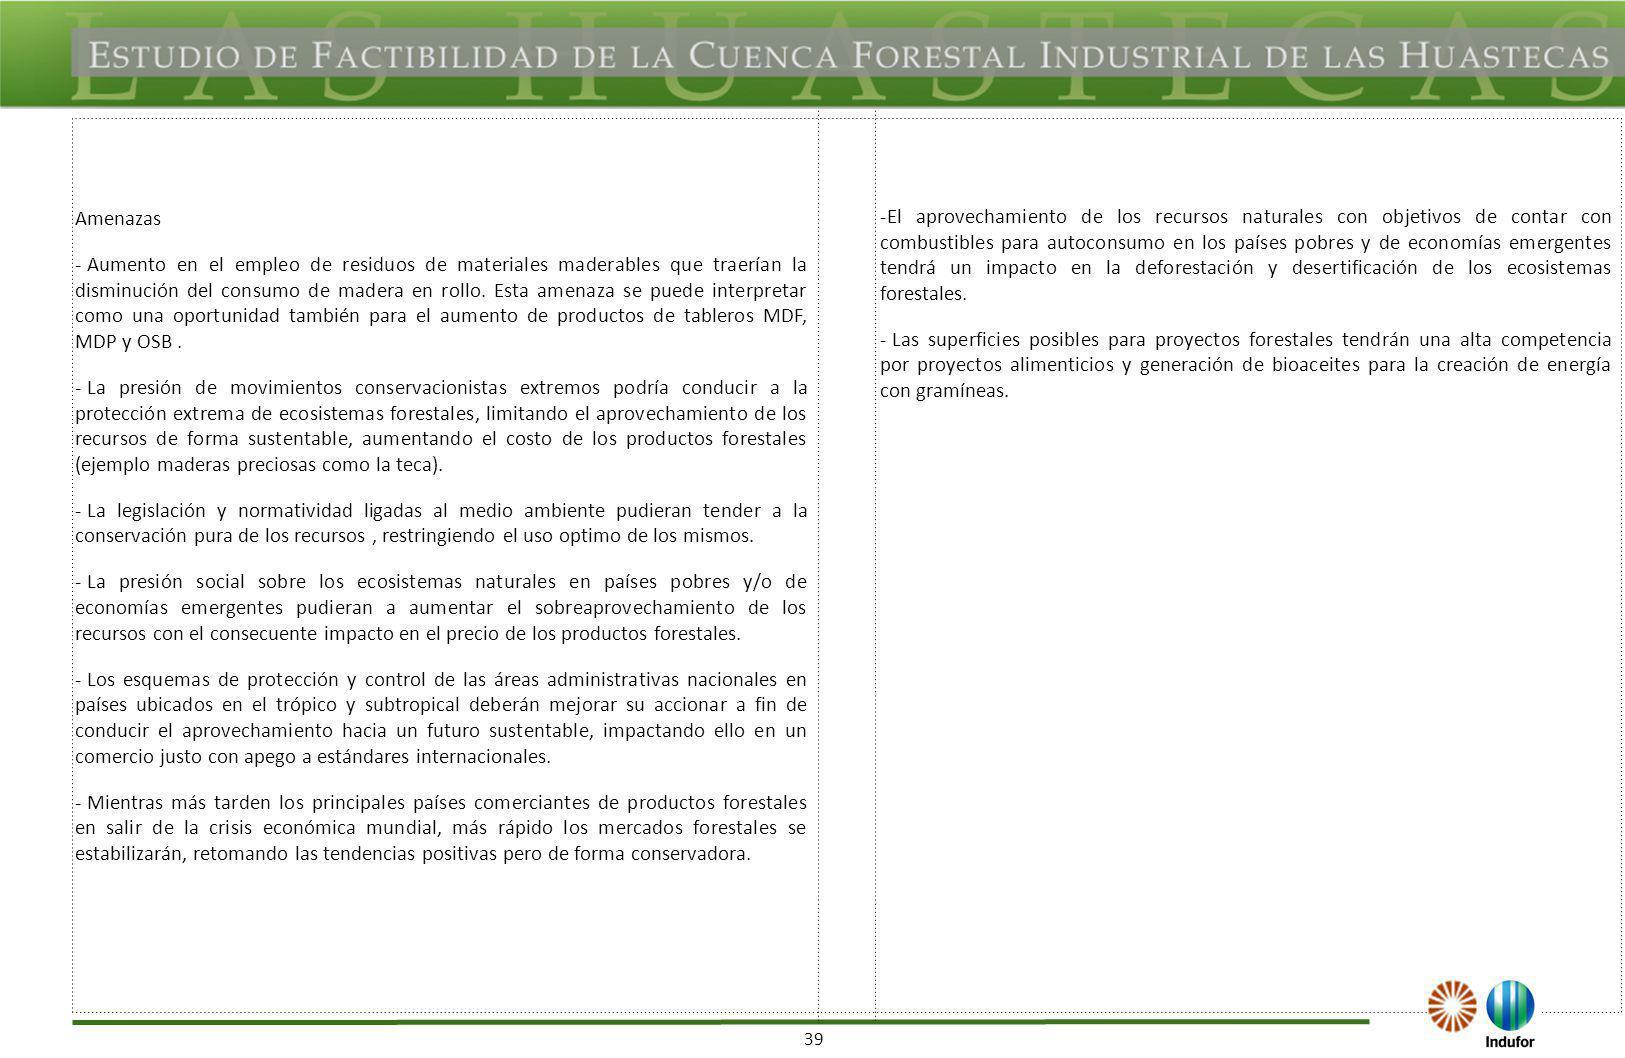 Foda Muebles Ecologicos - An Lisis Foda De Recurso Y Potencial Forestal Cap Iii Iv Vi Y [mjhdah]http://slideplayer.es/1547606/4/images/12/FODA+REGIONAL+DE+LAS+ACTIVIDADES+FORESTALES+EN+LA+REGI%C3%93N.jpg